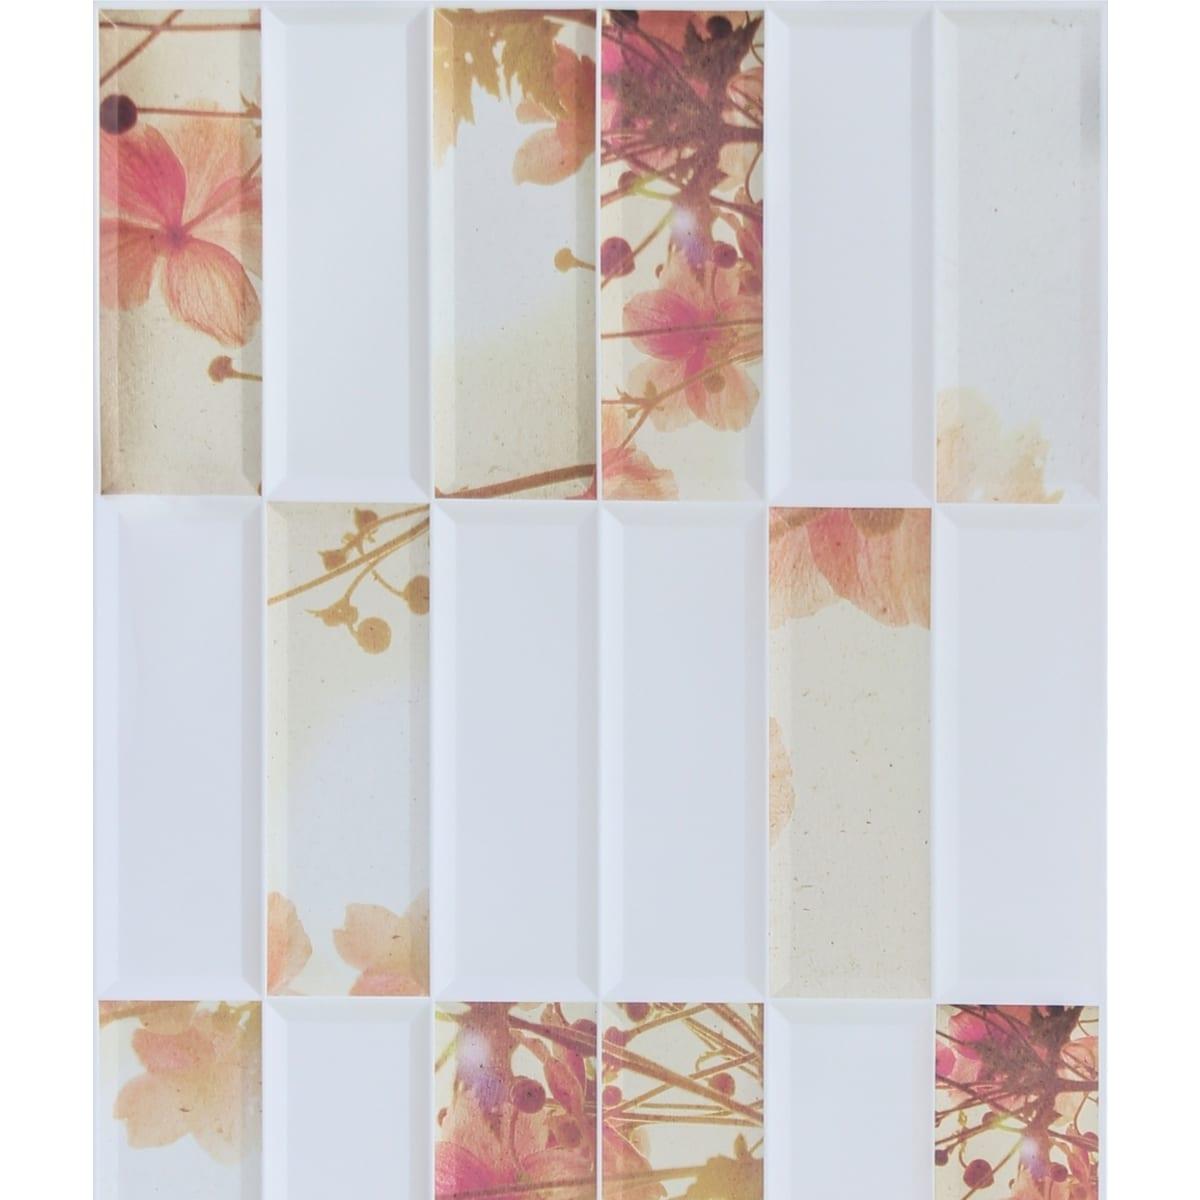 Панель ПВХ листовая 3 мм 955х480 мм Цветы 0.46 м²